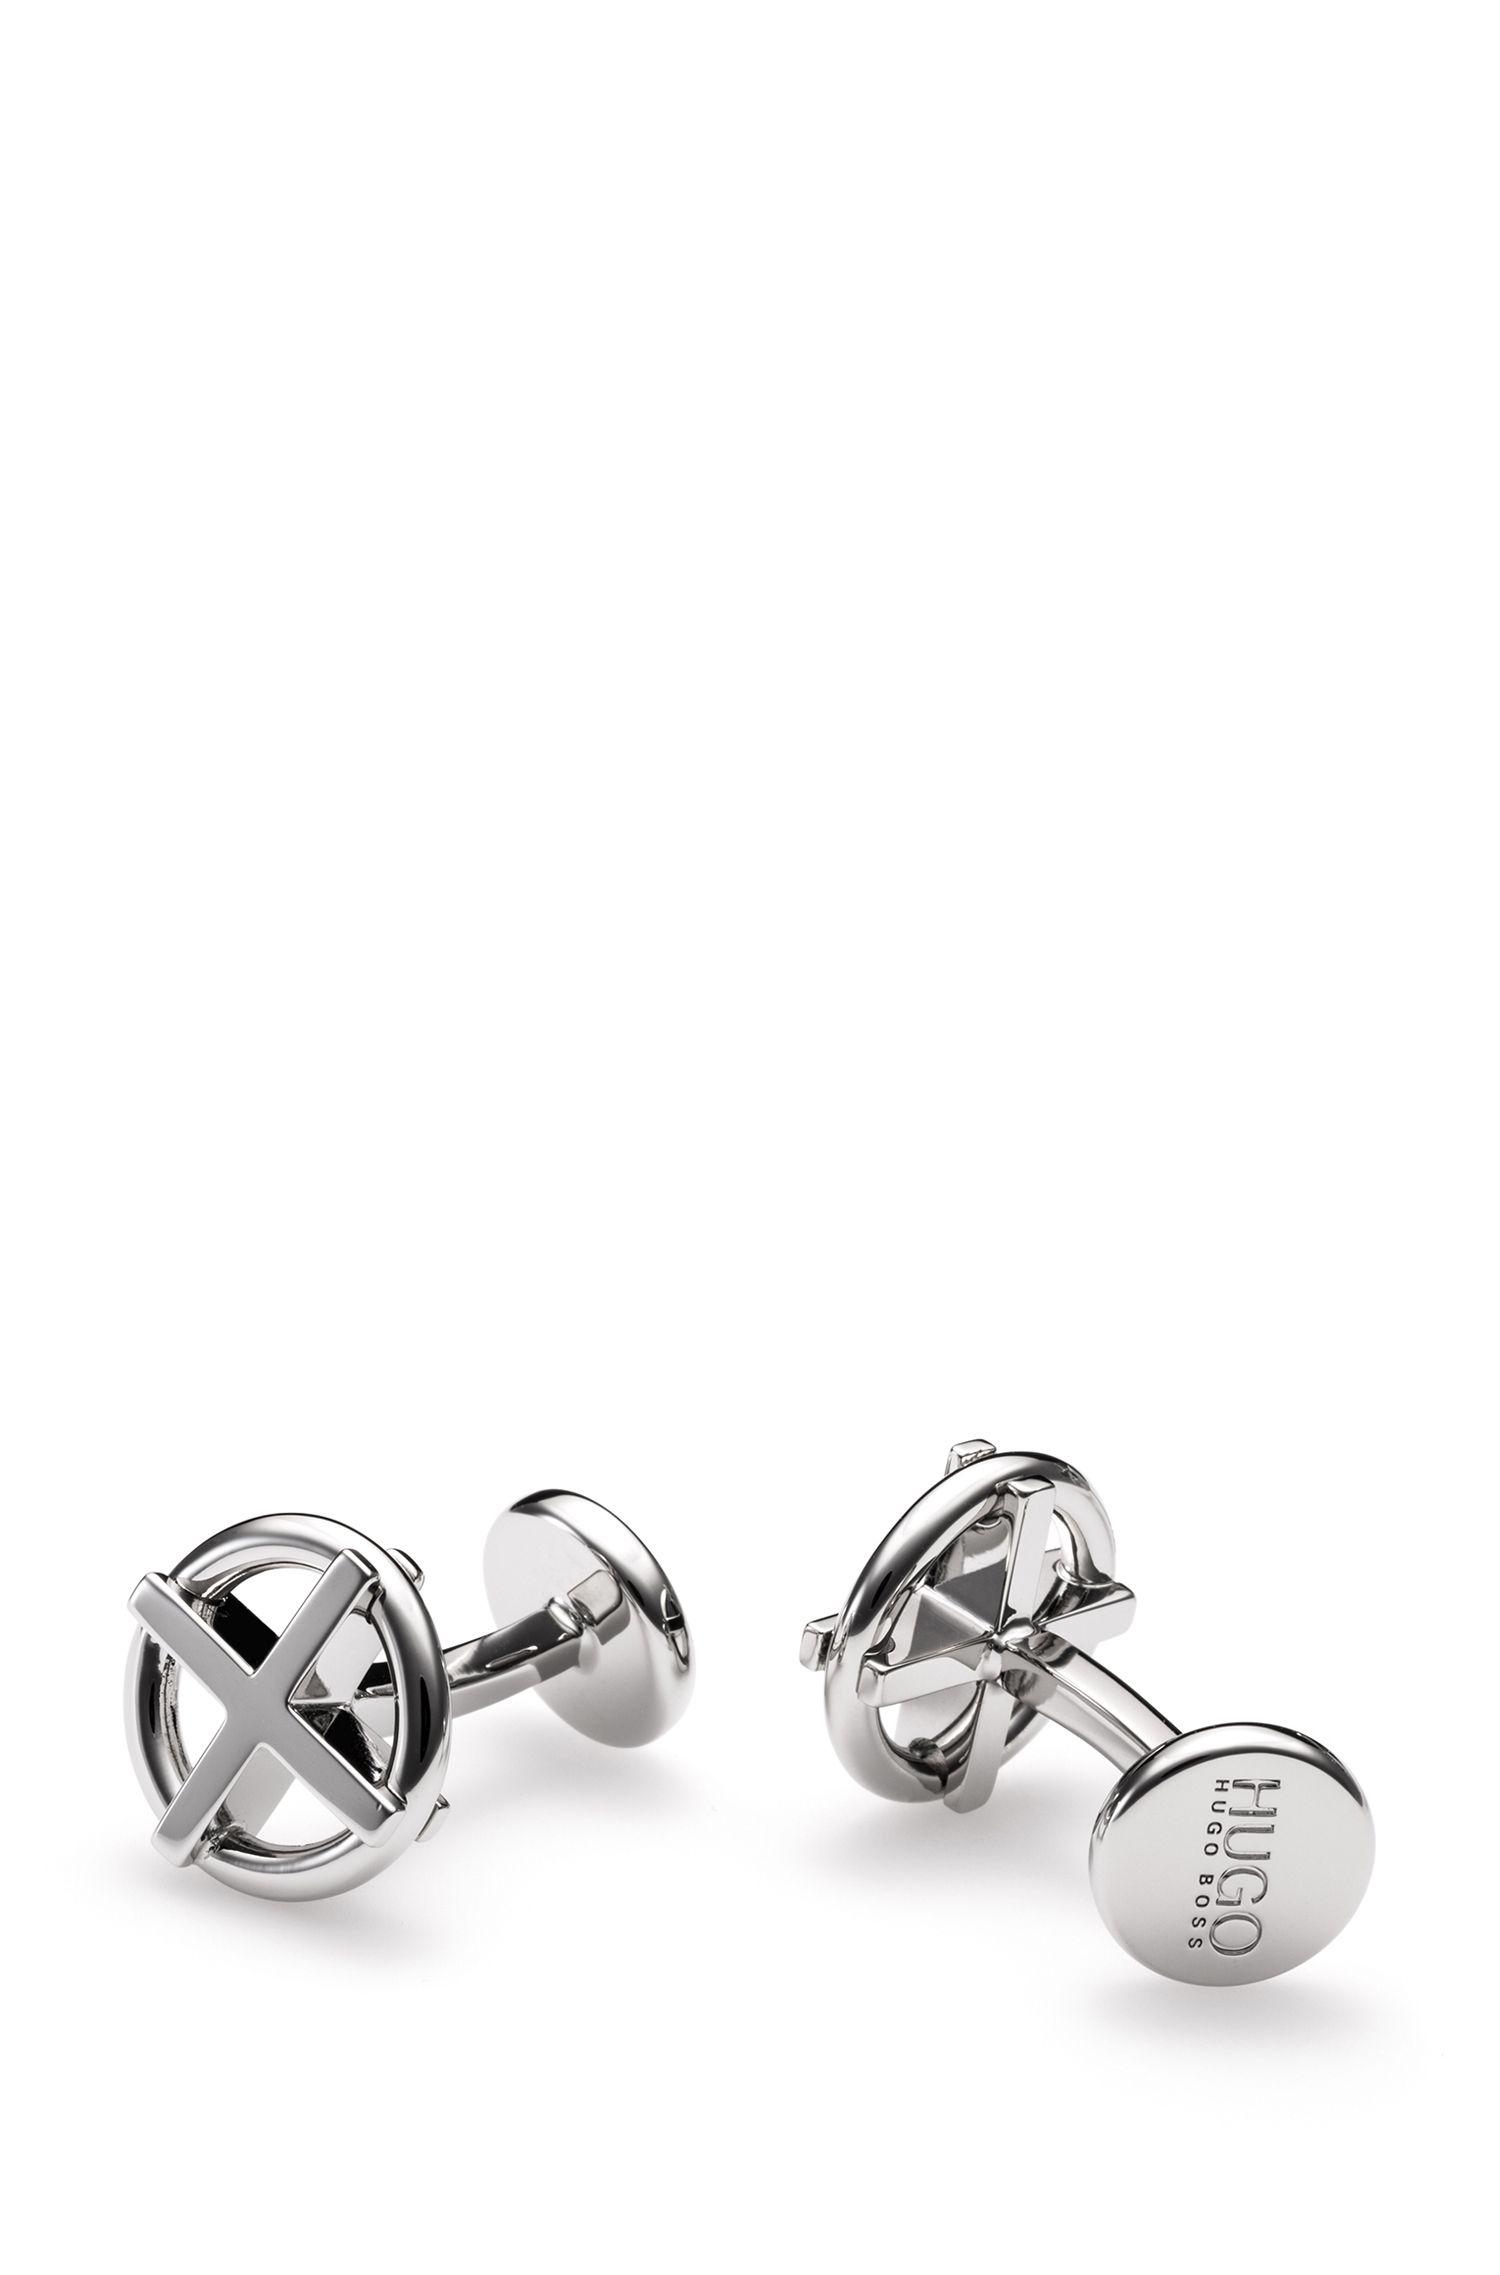 Ringvormige manchetknopen met kruisje van gepolijst messing